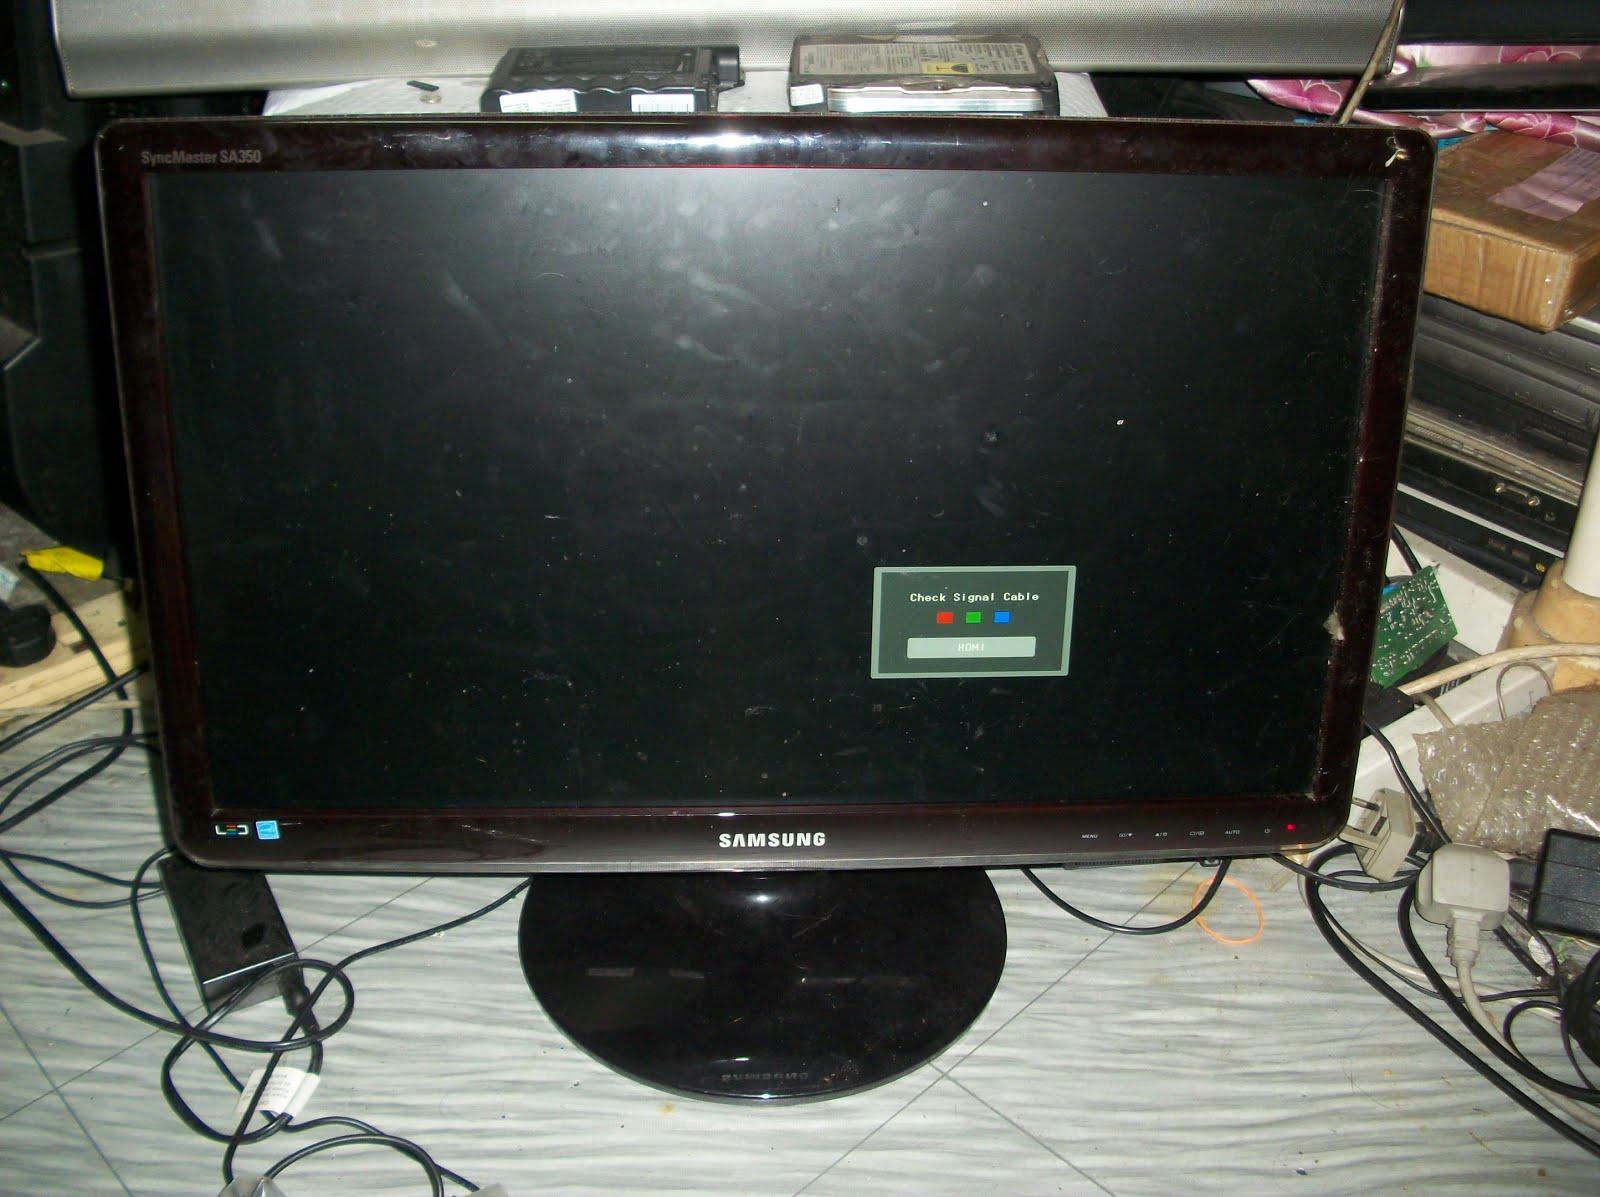 HOSPITAL Electronics TV Repairing And Sparepart: Repair Symptom LCD